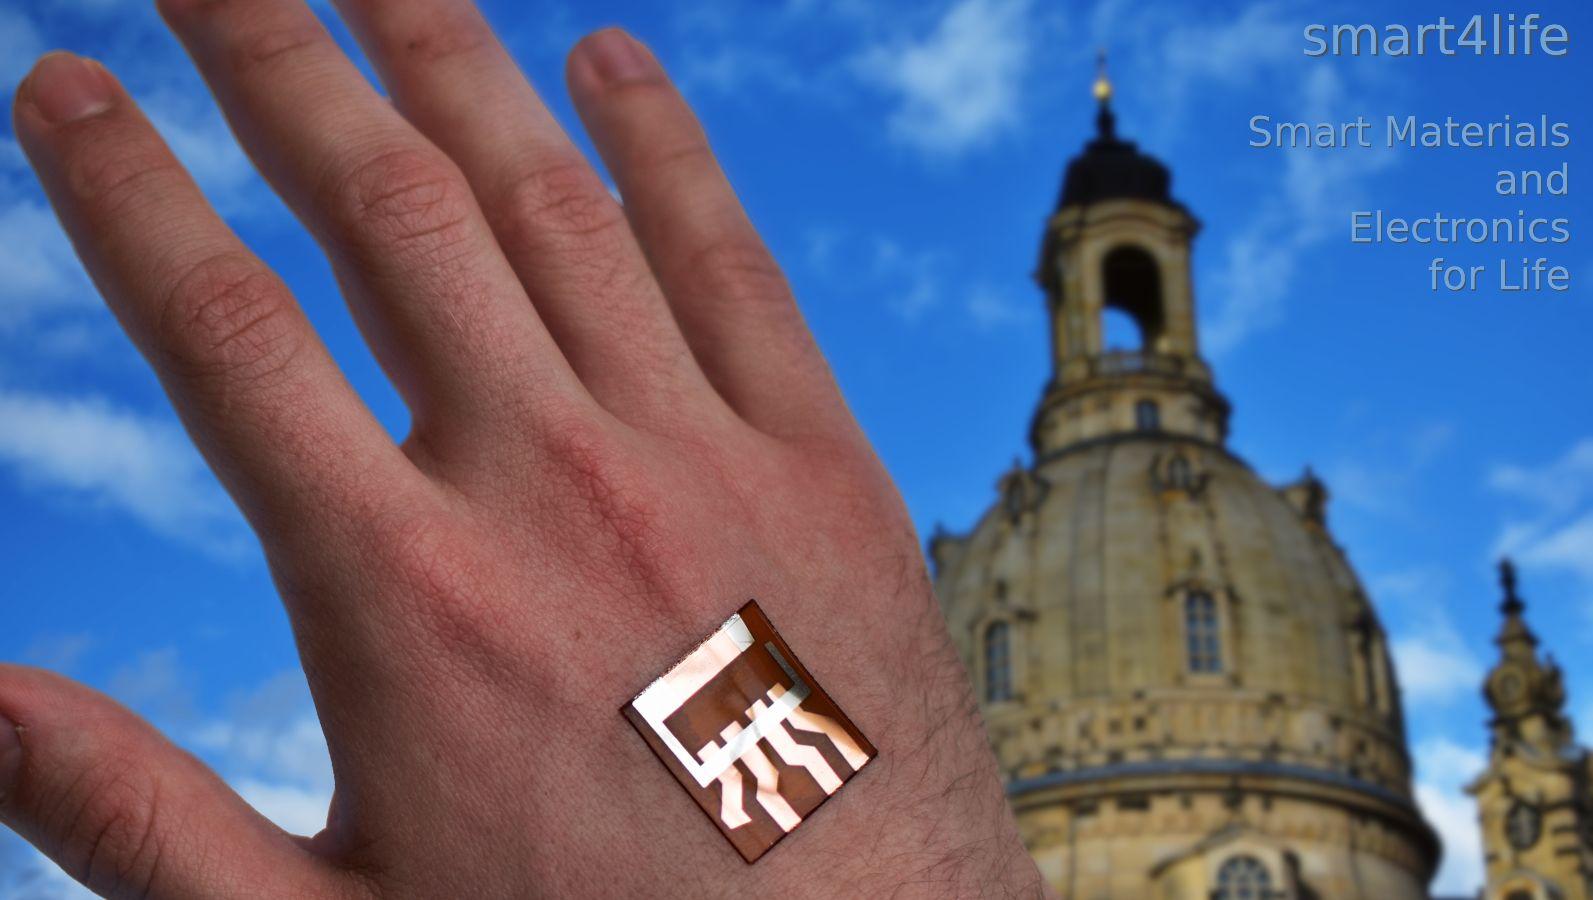 Das Zukunftscluster smart4life – Smart Materials and Electronics for Life verbindet elektronische und biologische Systeme. Im Vordergrund ist eine menschliche Hand mit einem flexiblen elektronischen Dünnschichtbauteil zu sehen, im Hintergrund die Frauenkirche als Symbol für die Region Dresden.